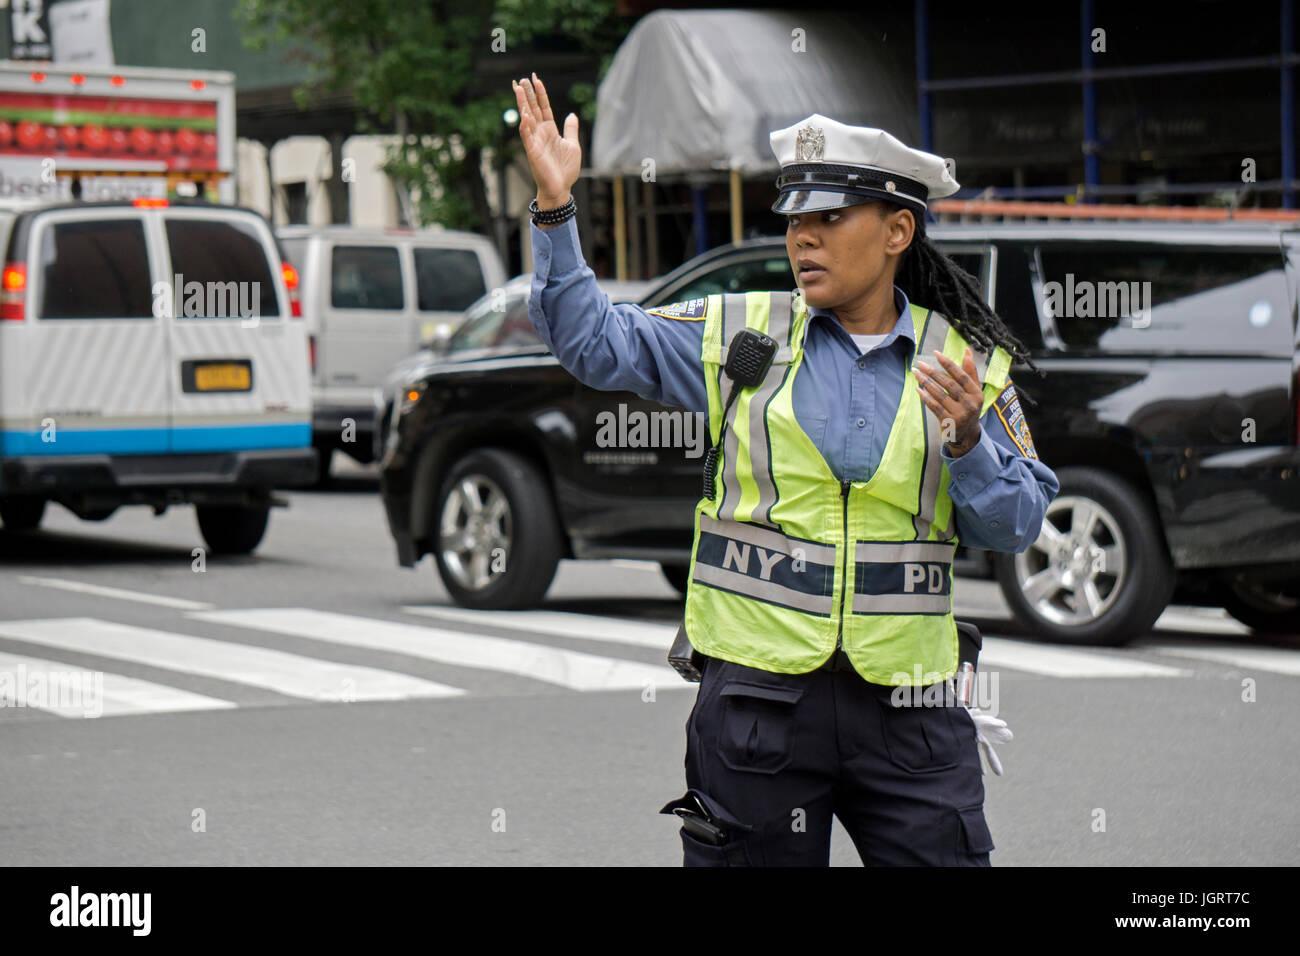 Eine attraktive Polizistin mit langen Fingernägeln, die Regelung des Verkehrs auf der 34th Street in Manhattan, Stockbild